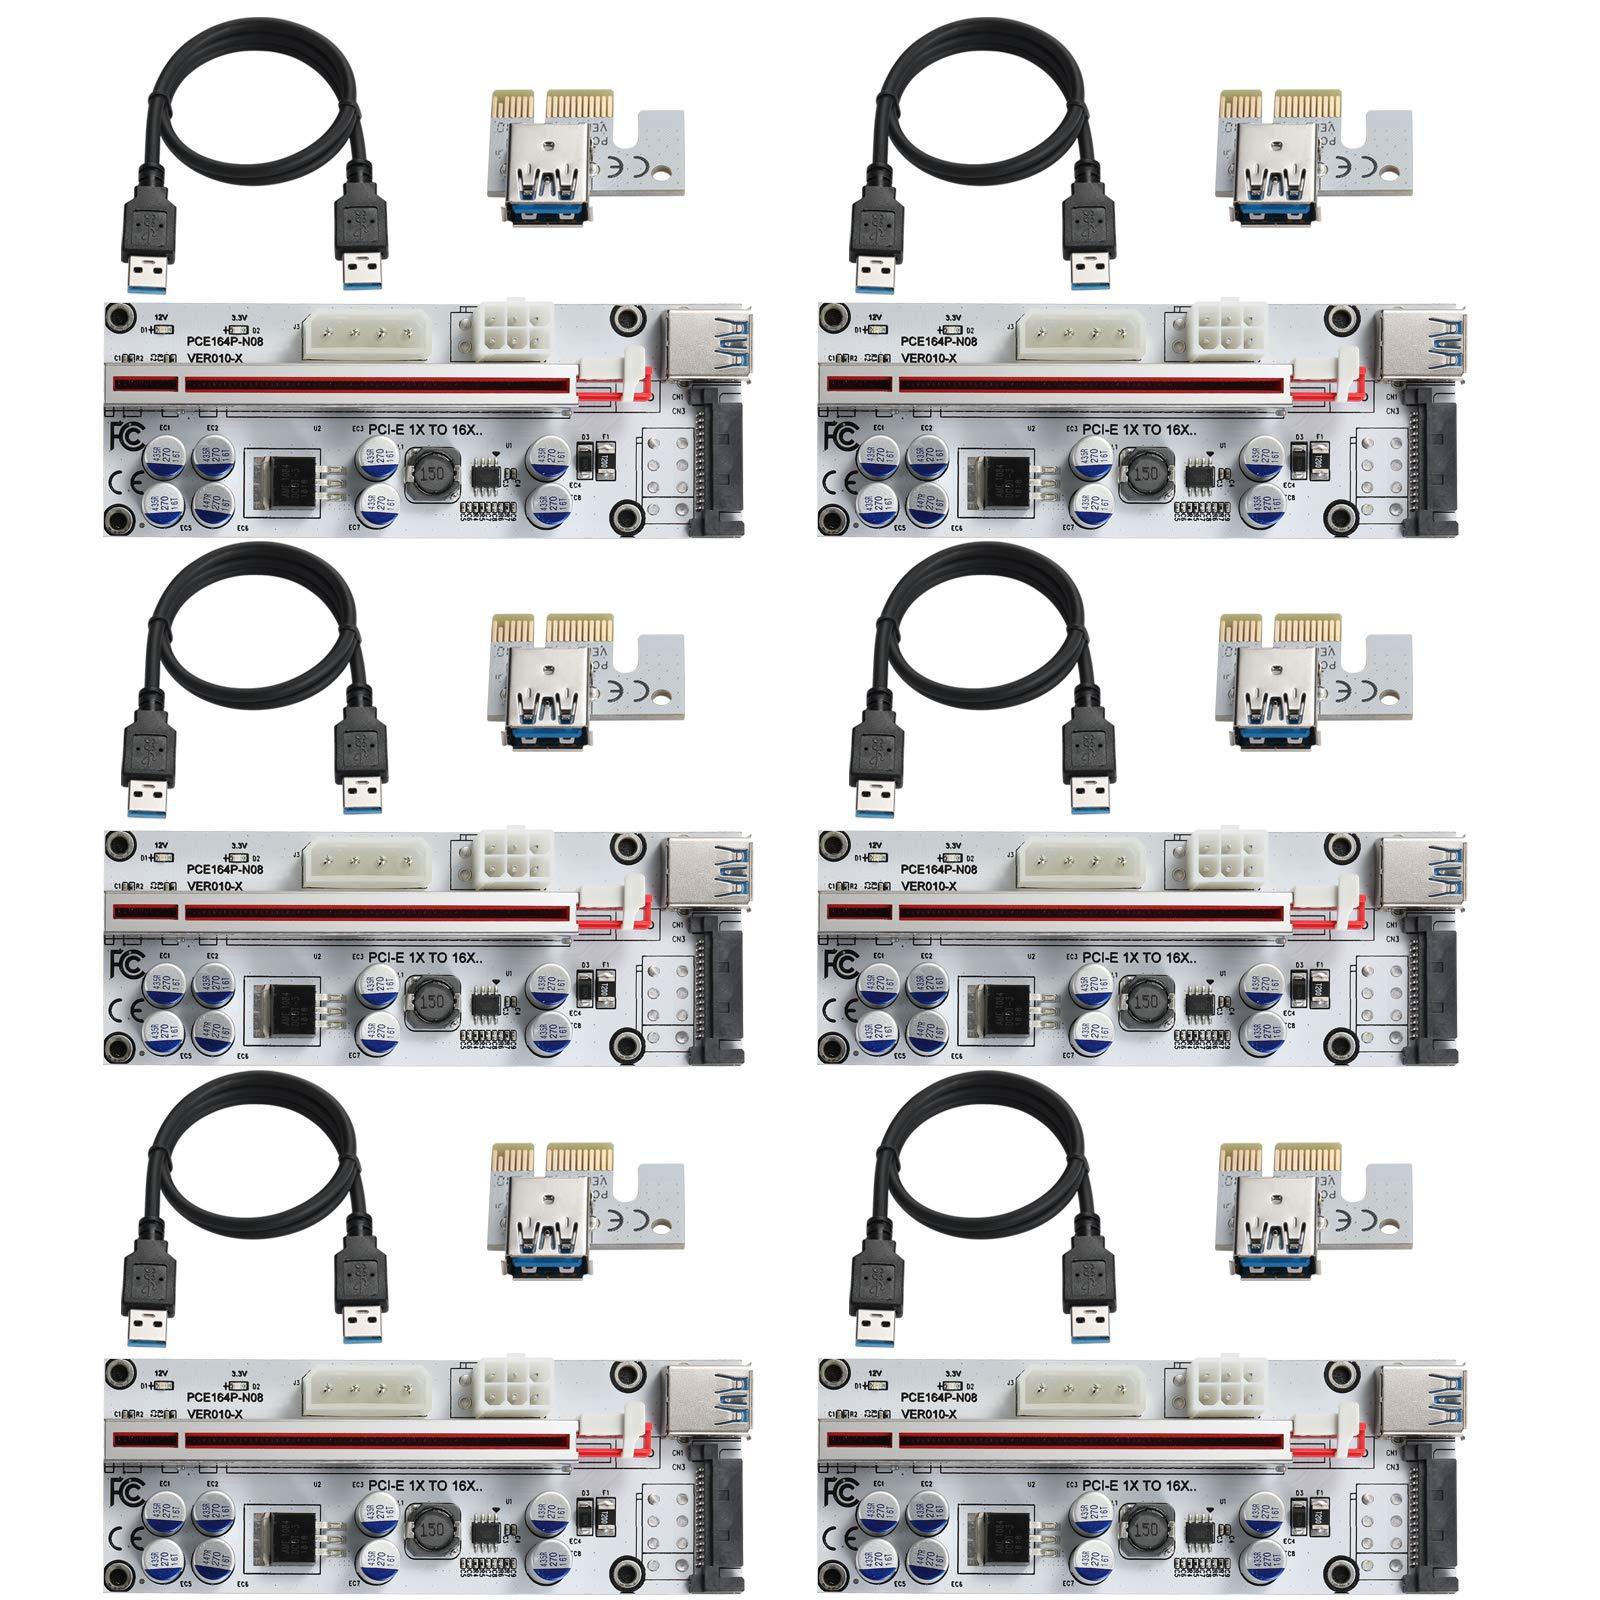 6 Pci-e Riser VER 010S-X Cripto mineria Con Cable SATA MZHOU